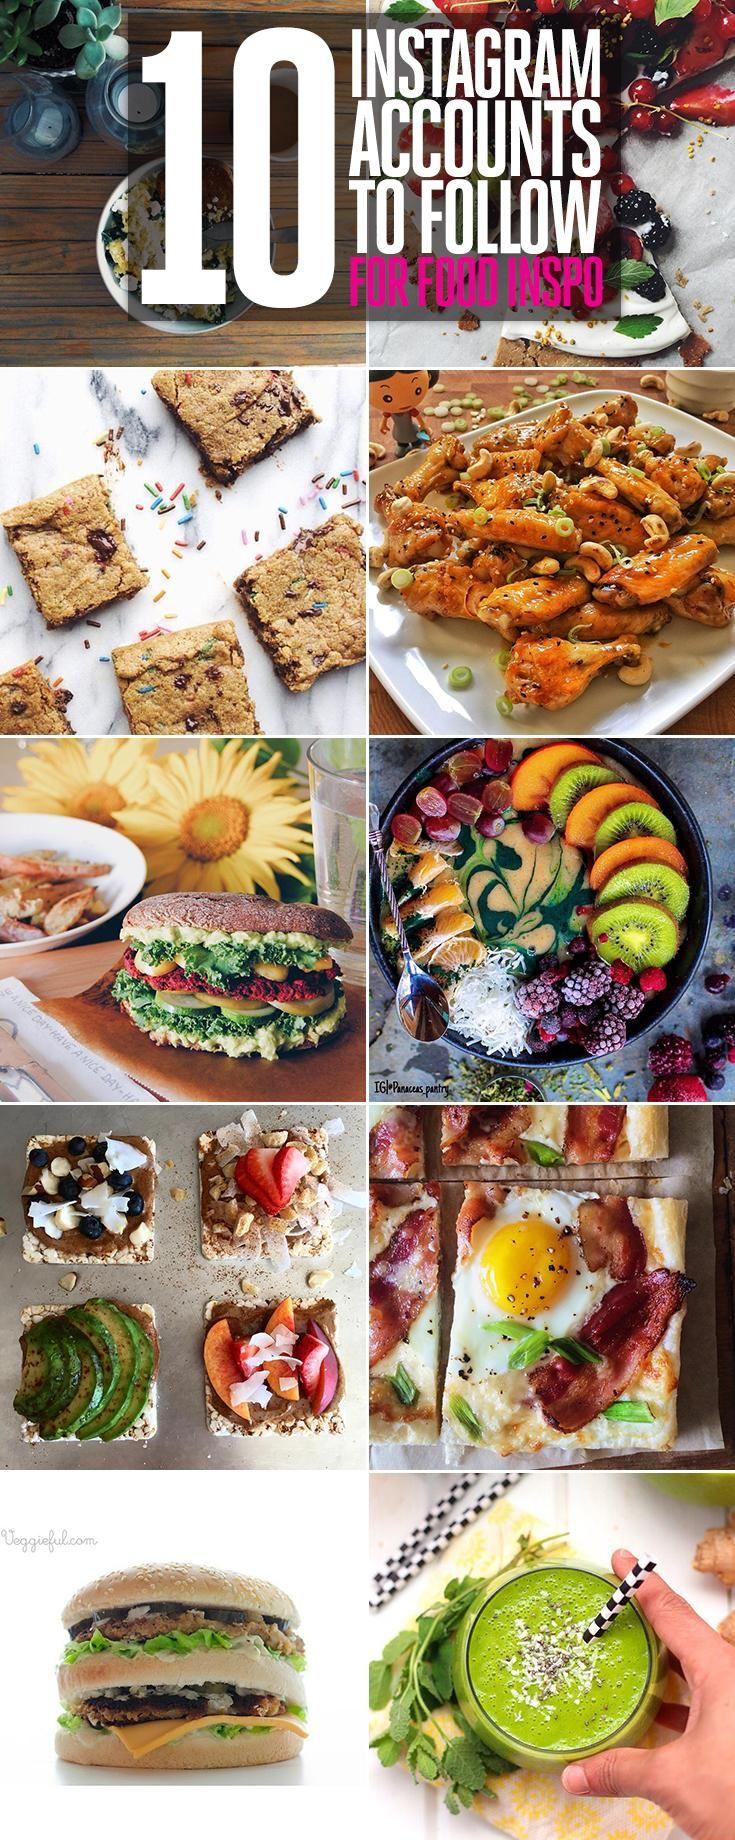 Instagram accounts gesunde rezepte